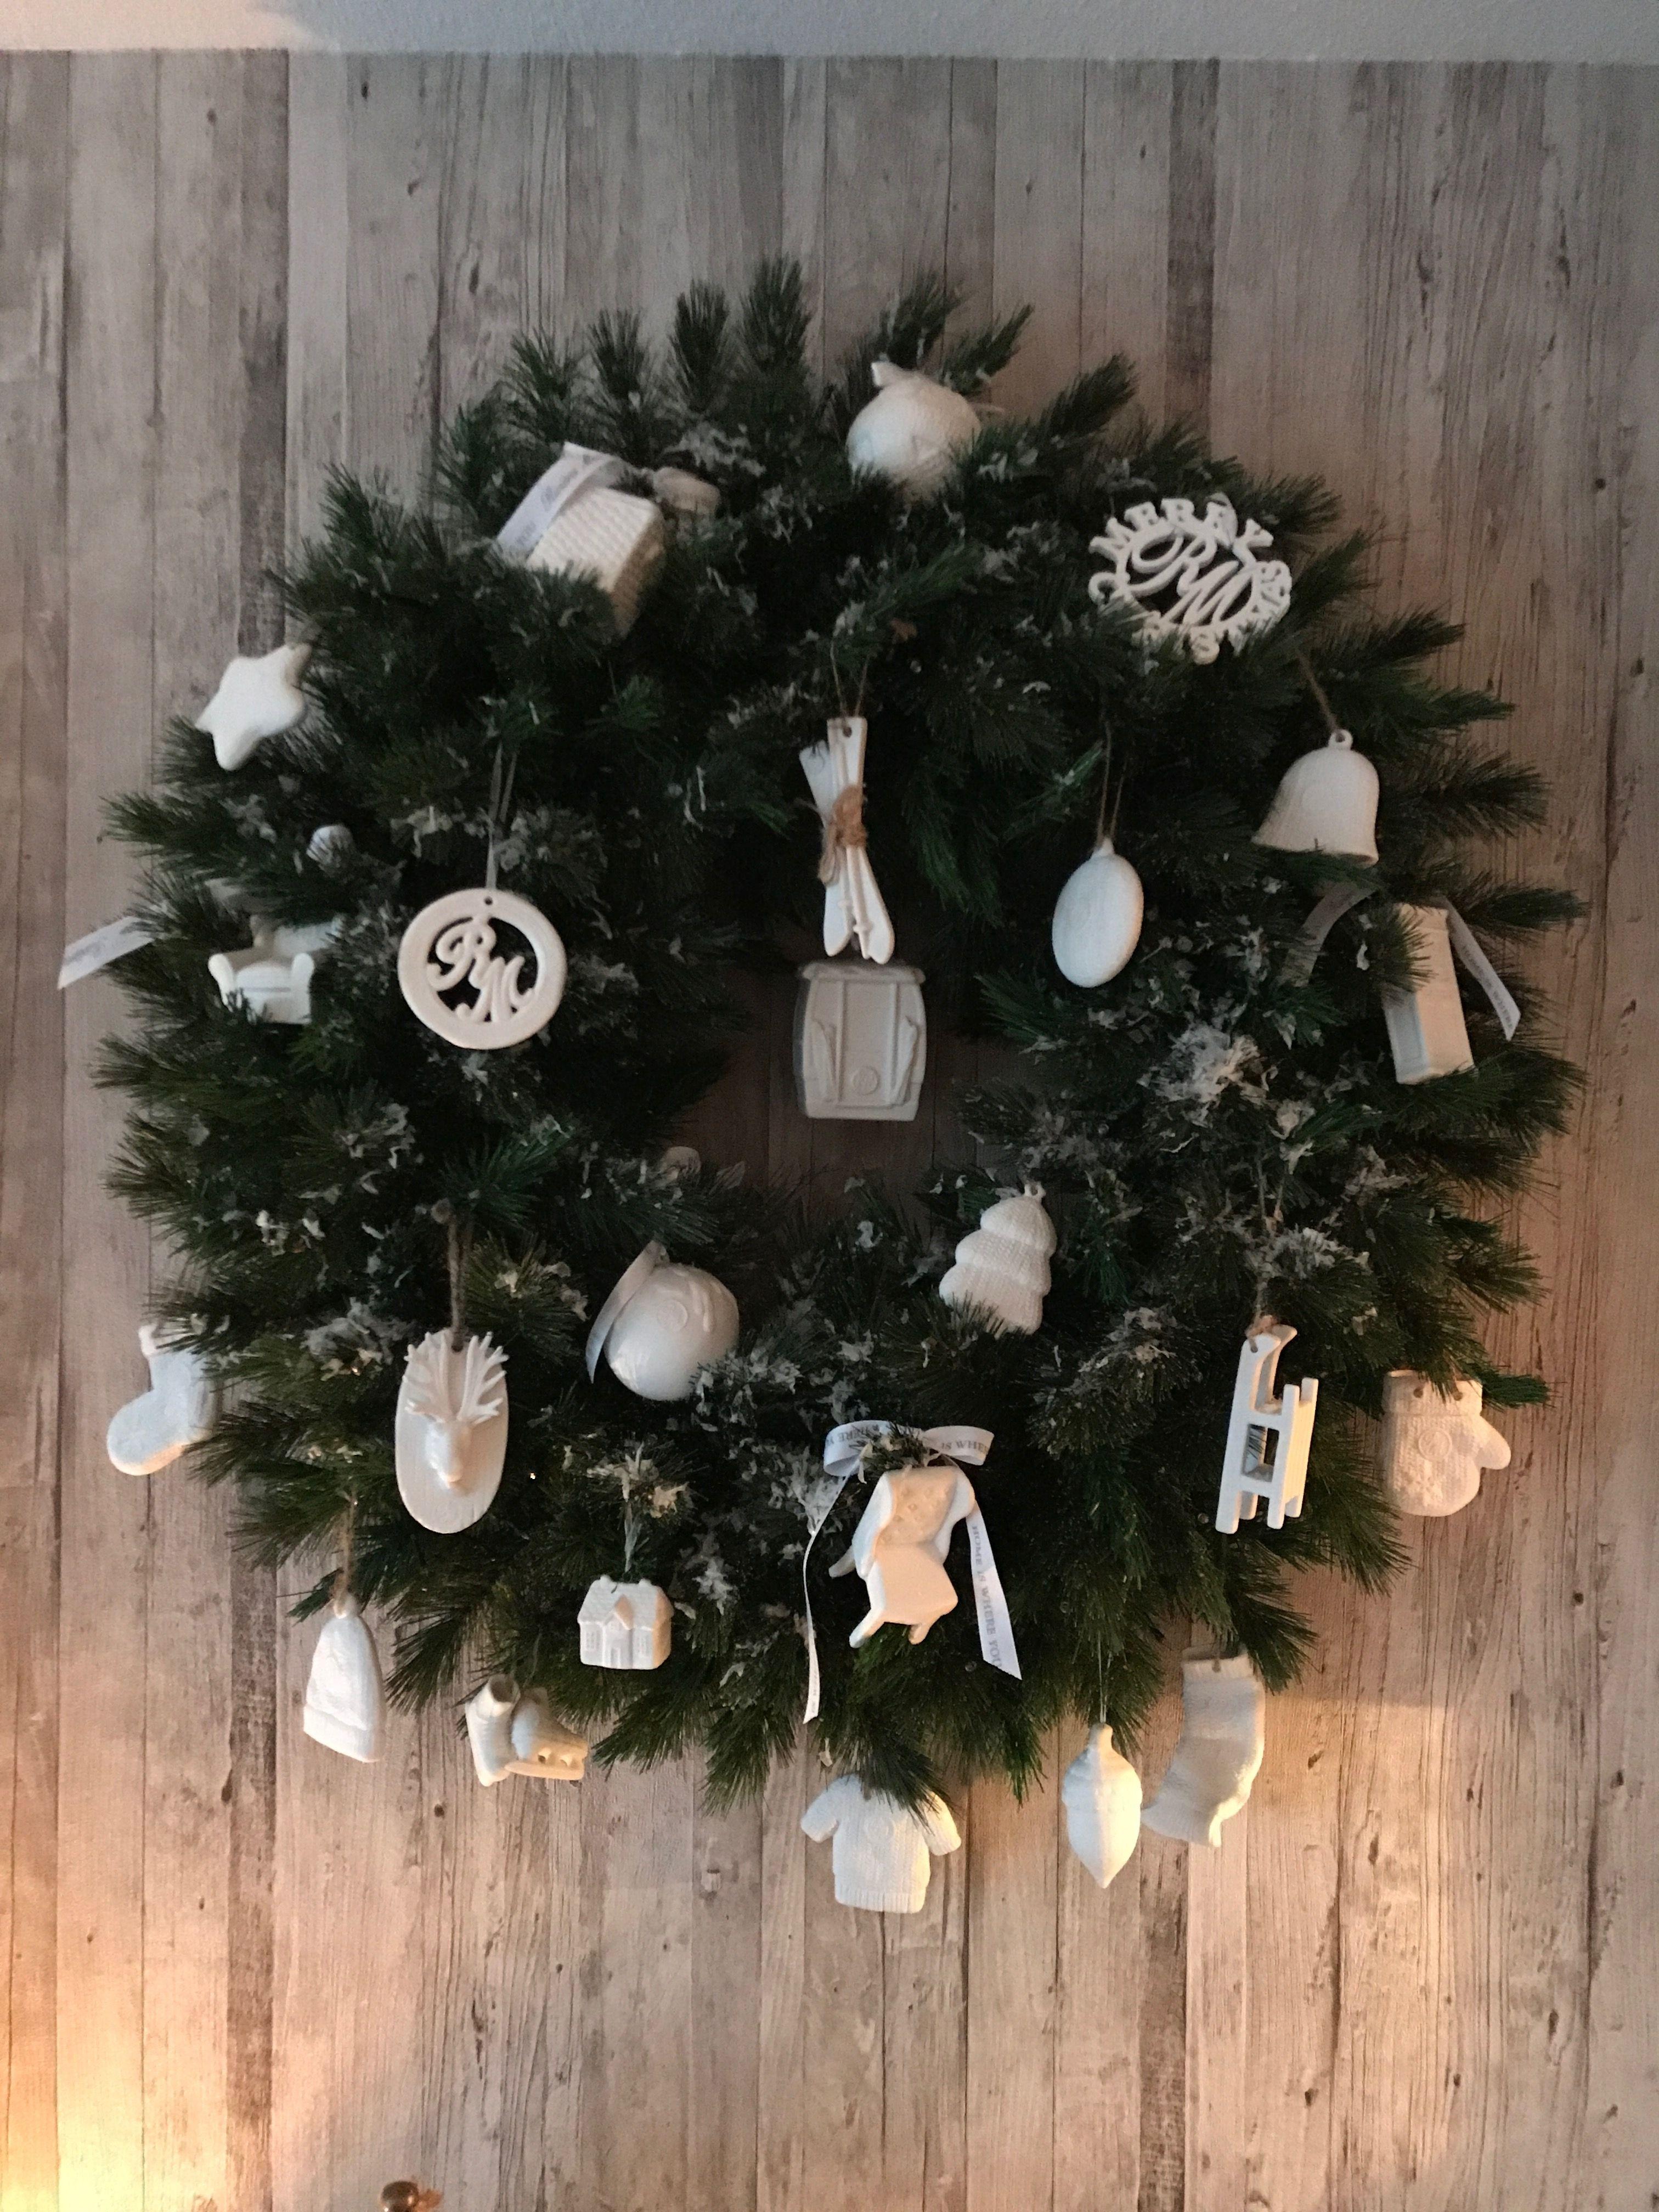 Interieur Ideeen Voor Kerst.Rivieramaison Rm Wonen Woonideeen Woondecoratie